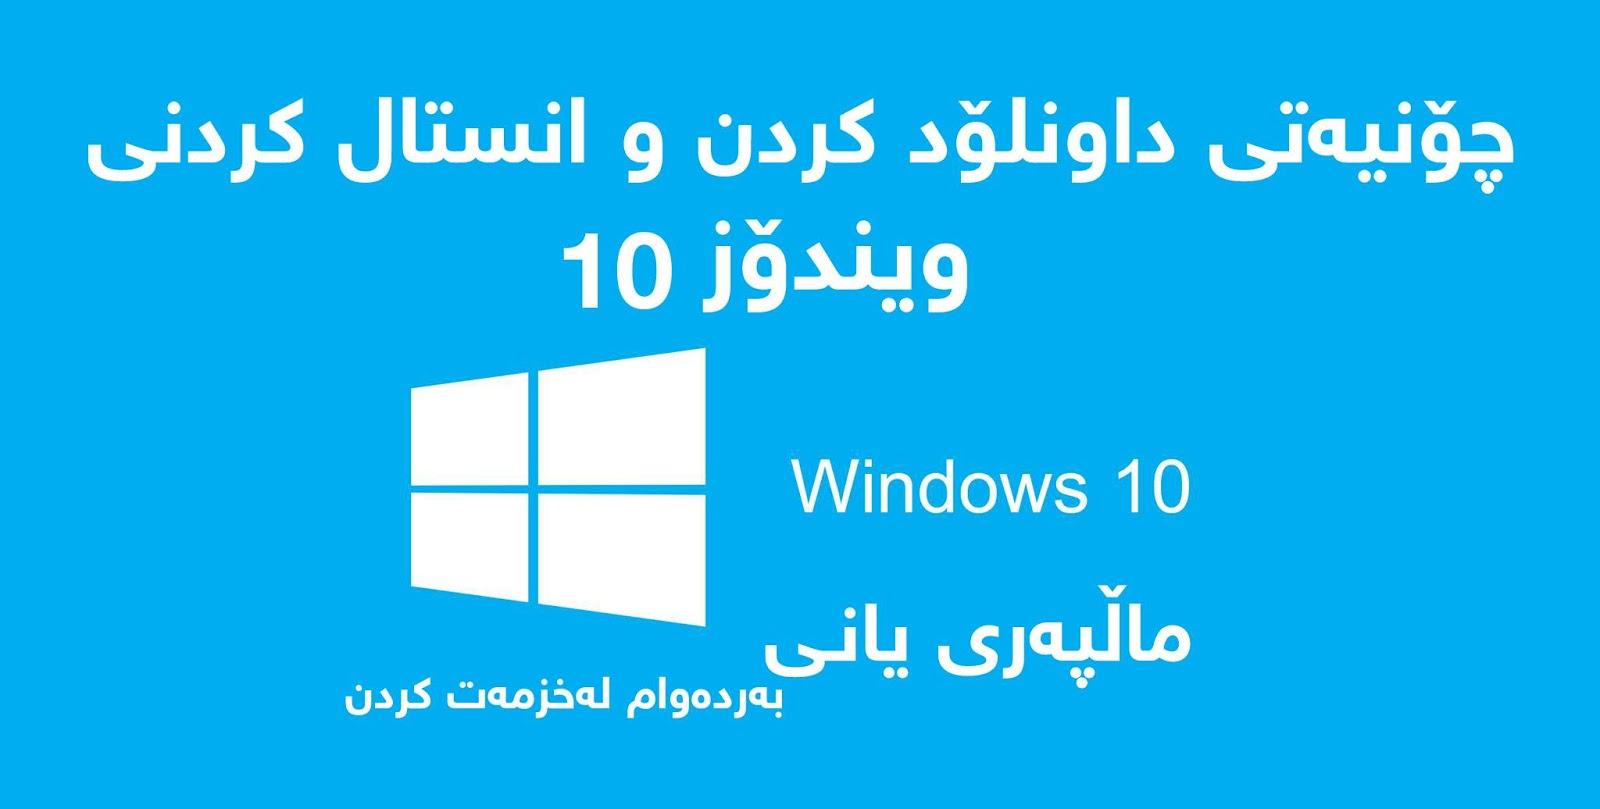 فێركاری چۆنیهتی داونلۆد كردن و انستال كردنی  ویندۆز ١٠  windows 10